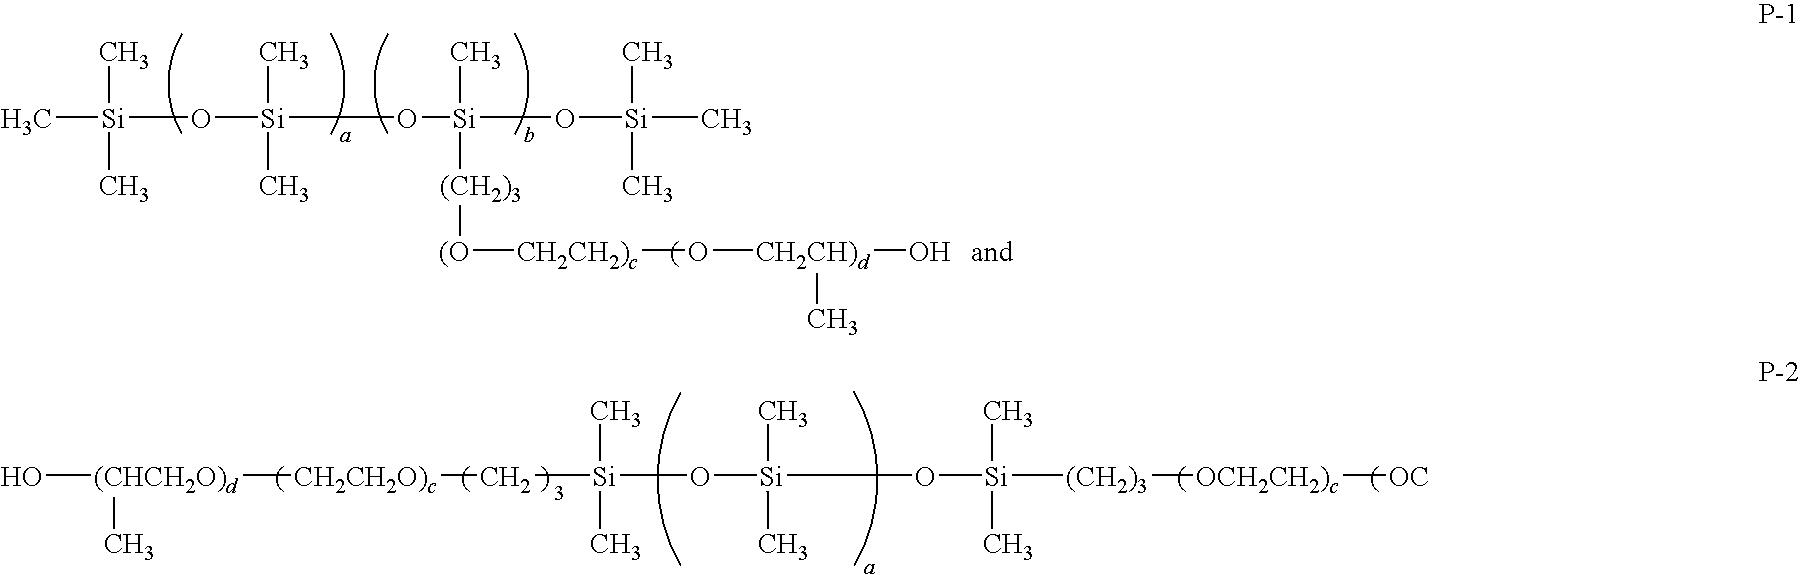 Figure US20100068636A1-20100318-C00008